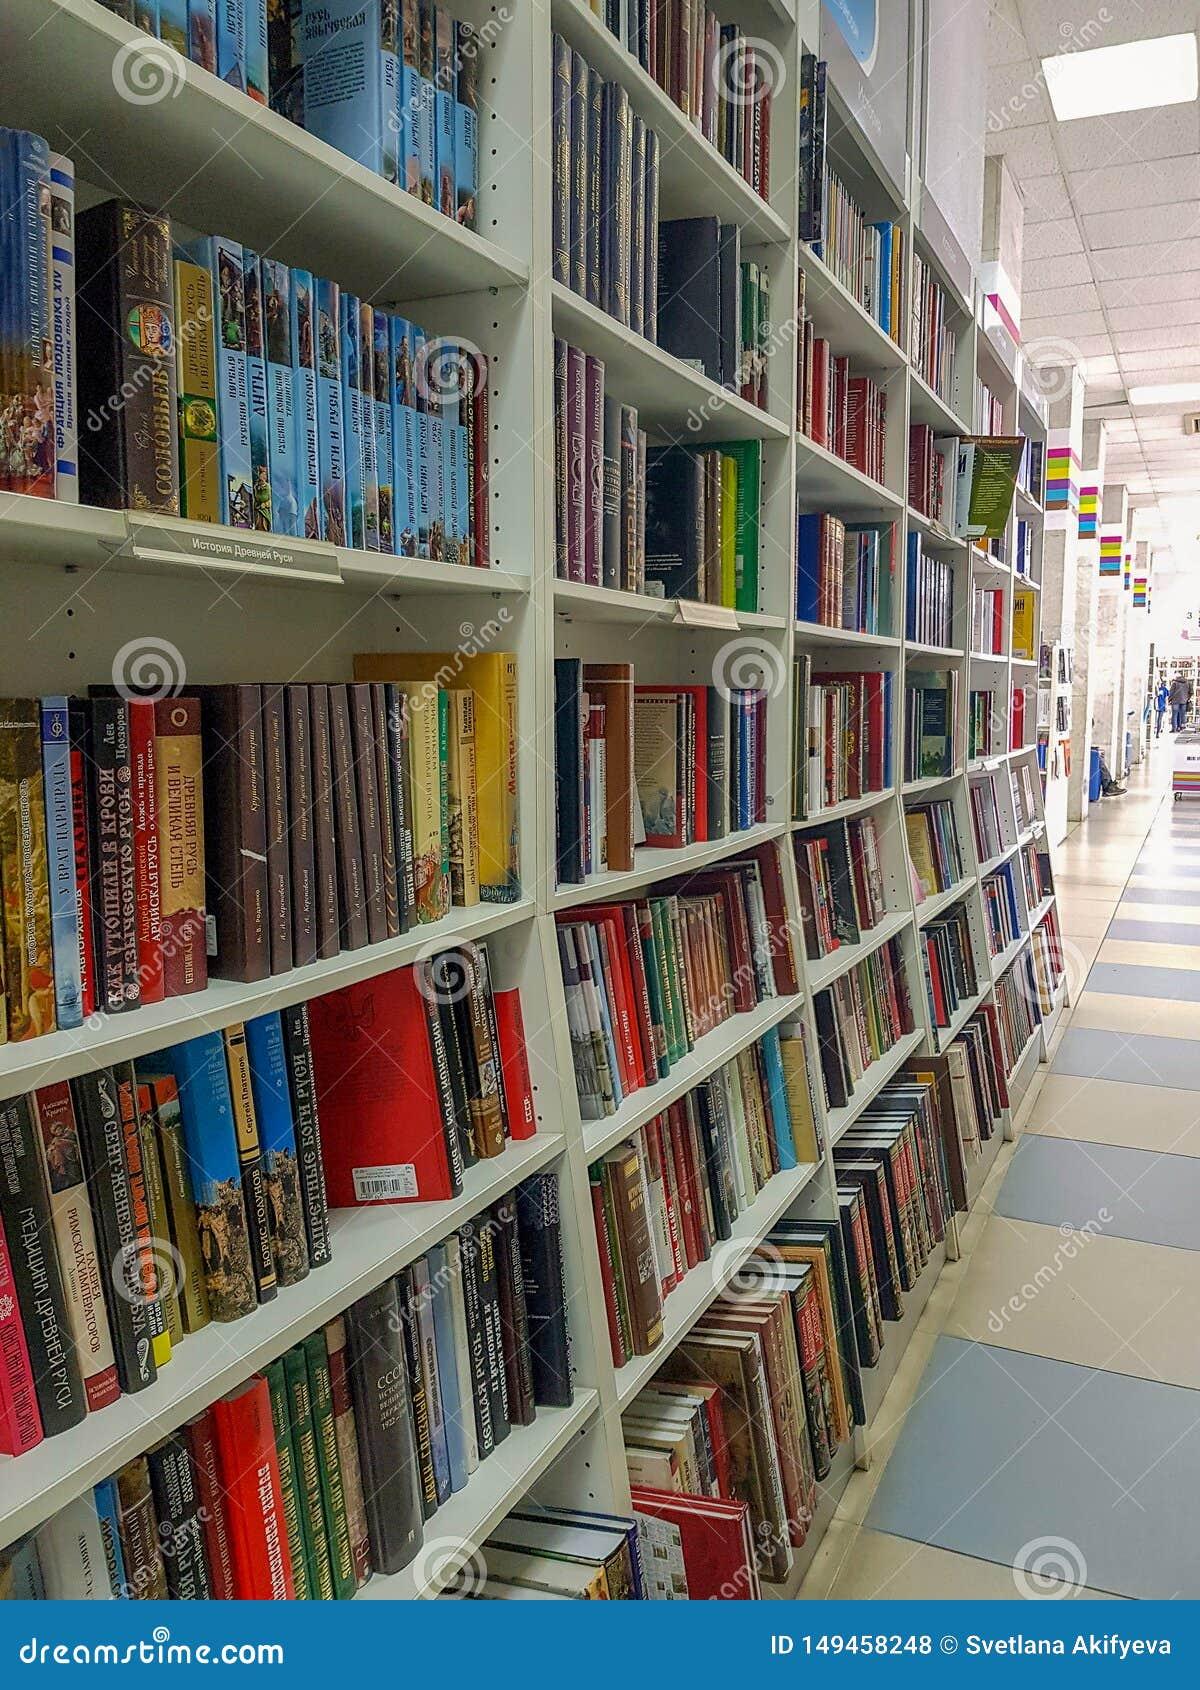 Челябинск, Российская Федерация, 25-ое марта 2019, строки различных красочных книг лежа на полках в bookstore